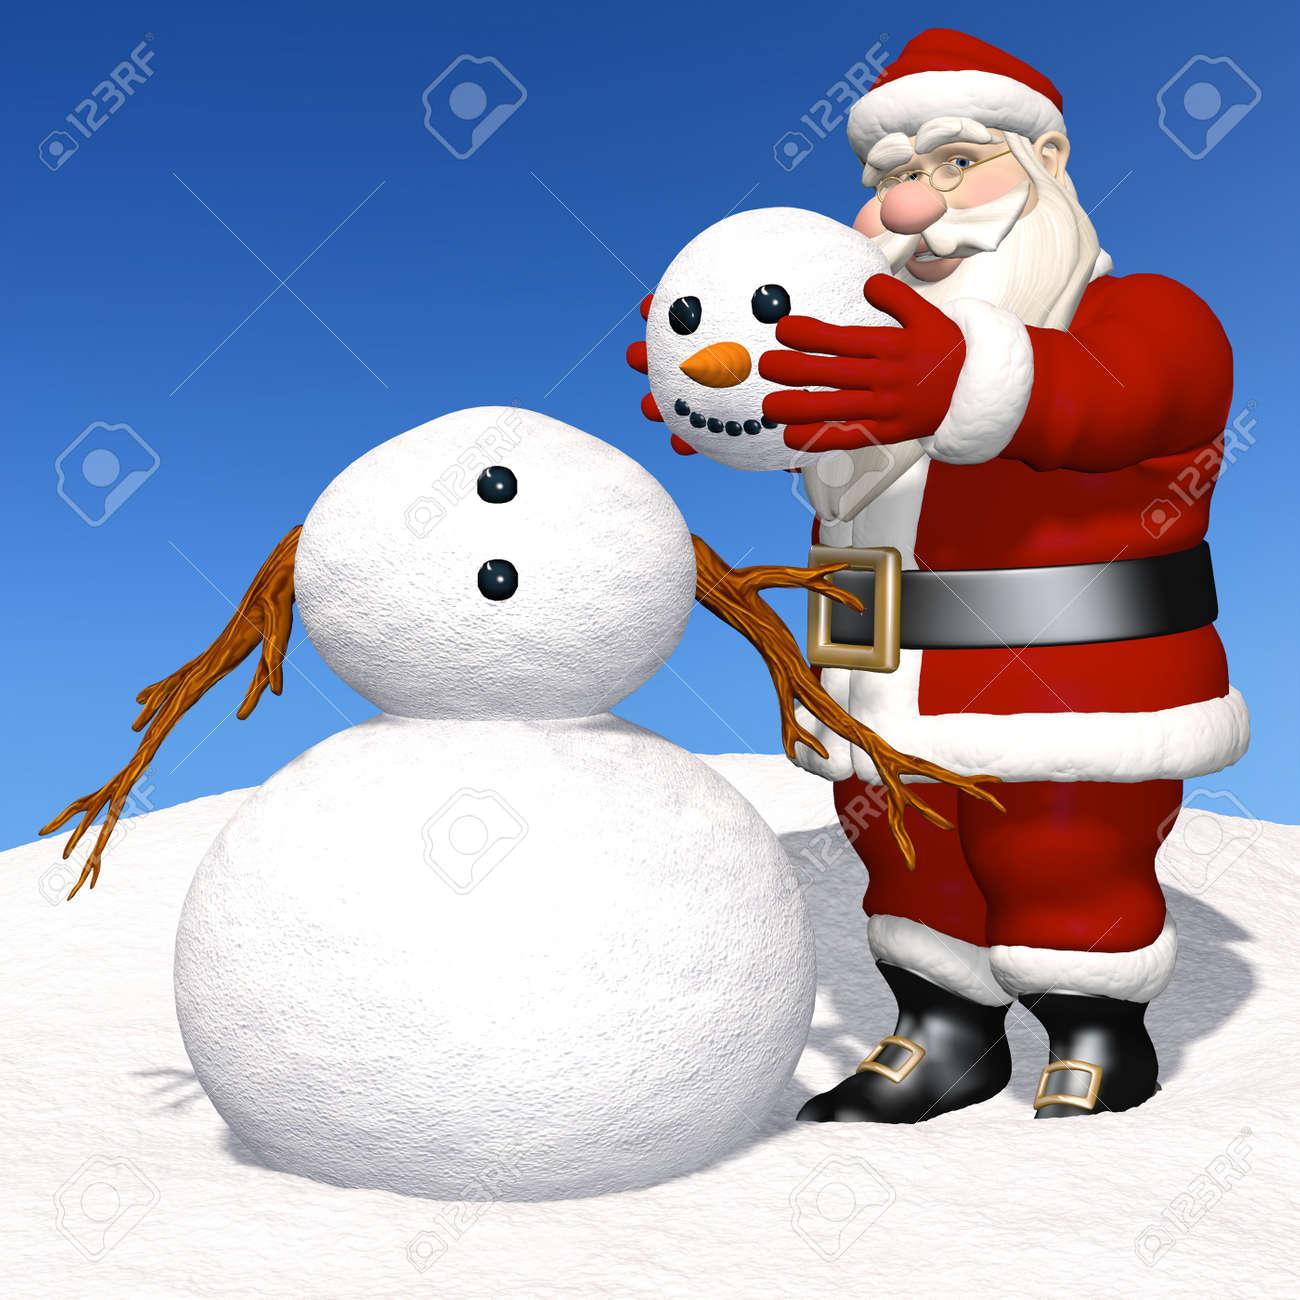 santa making a snowman santa claus putting the head on a snowman stock photo 16007281 - Santa Snowman